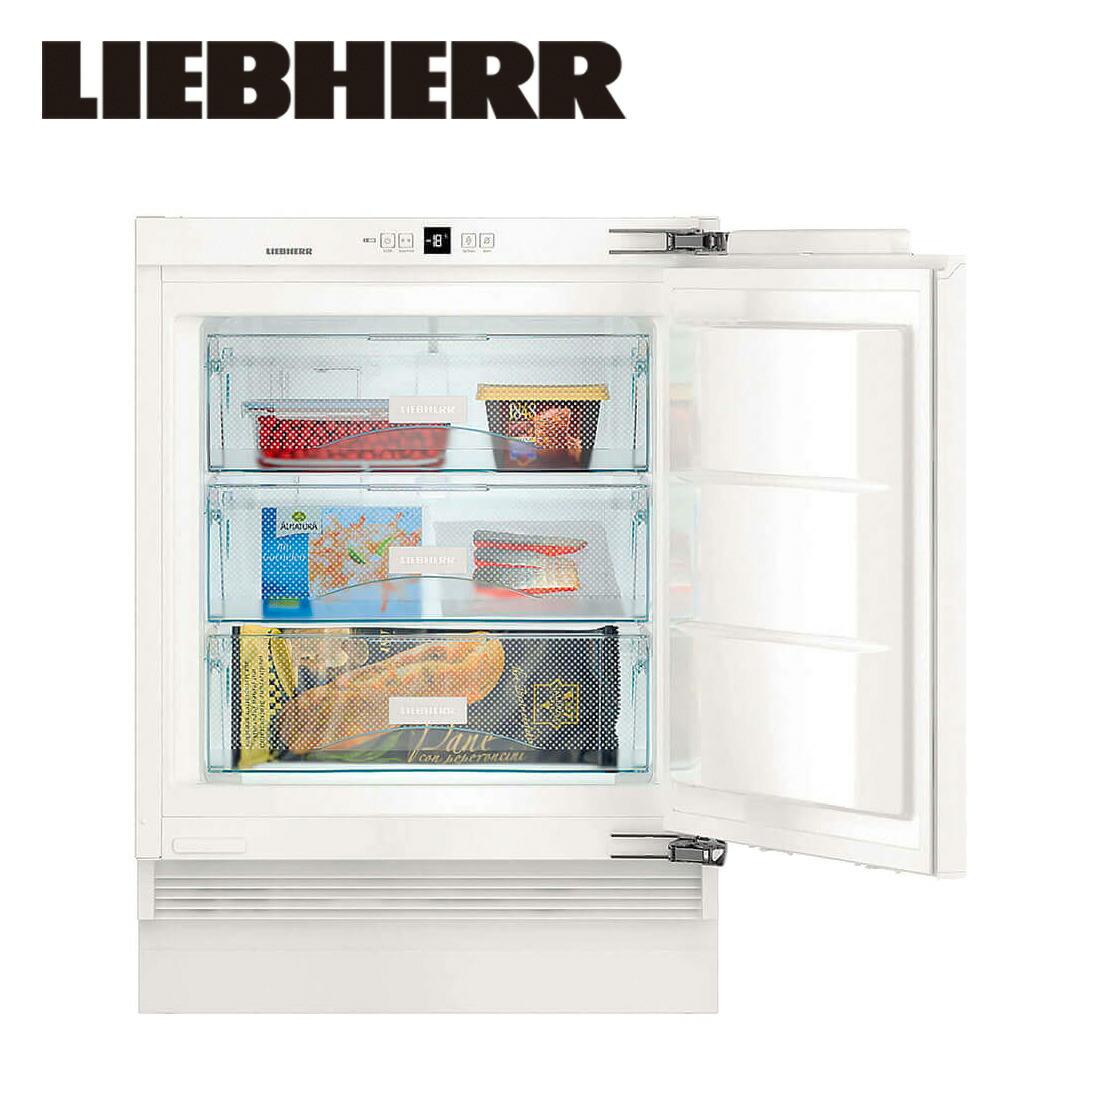 【一都三県は送料・開梱設置無料】リープヘル 冷凍庫 LIEBHERR SUIG1514 Comfort 98L ビルトイン Built-in Fridge-Freezer Undercounter【代引不可】